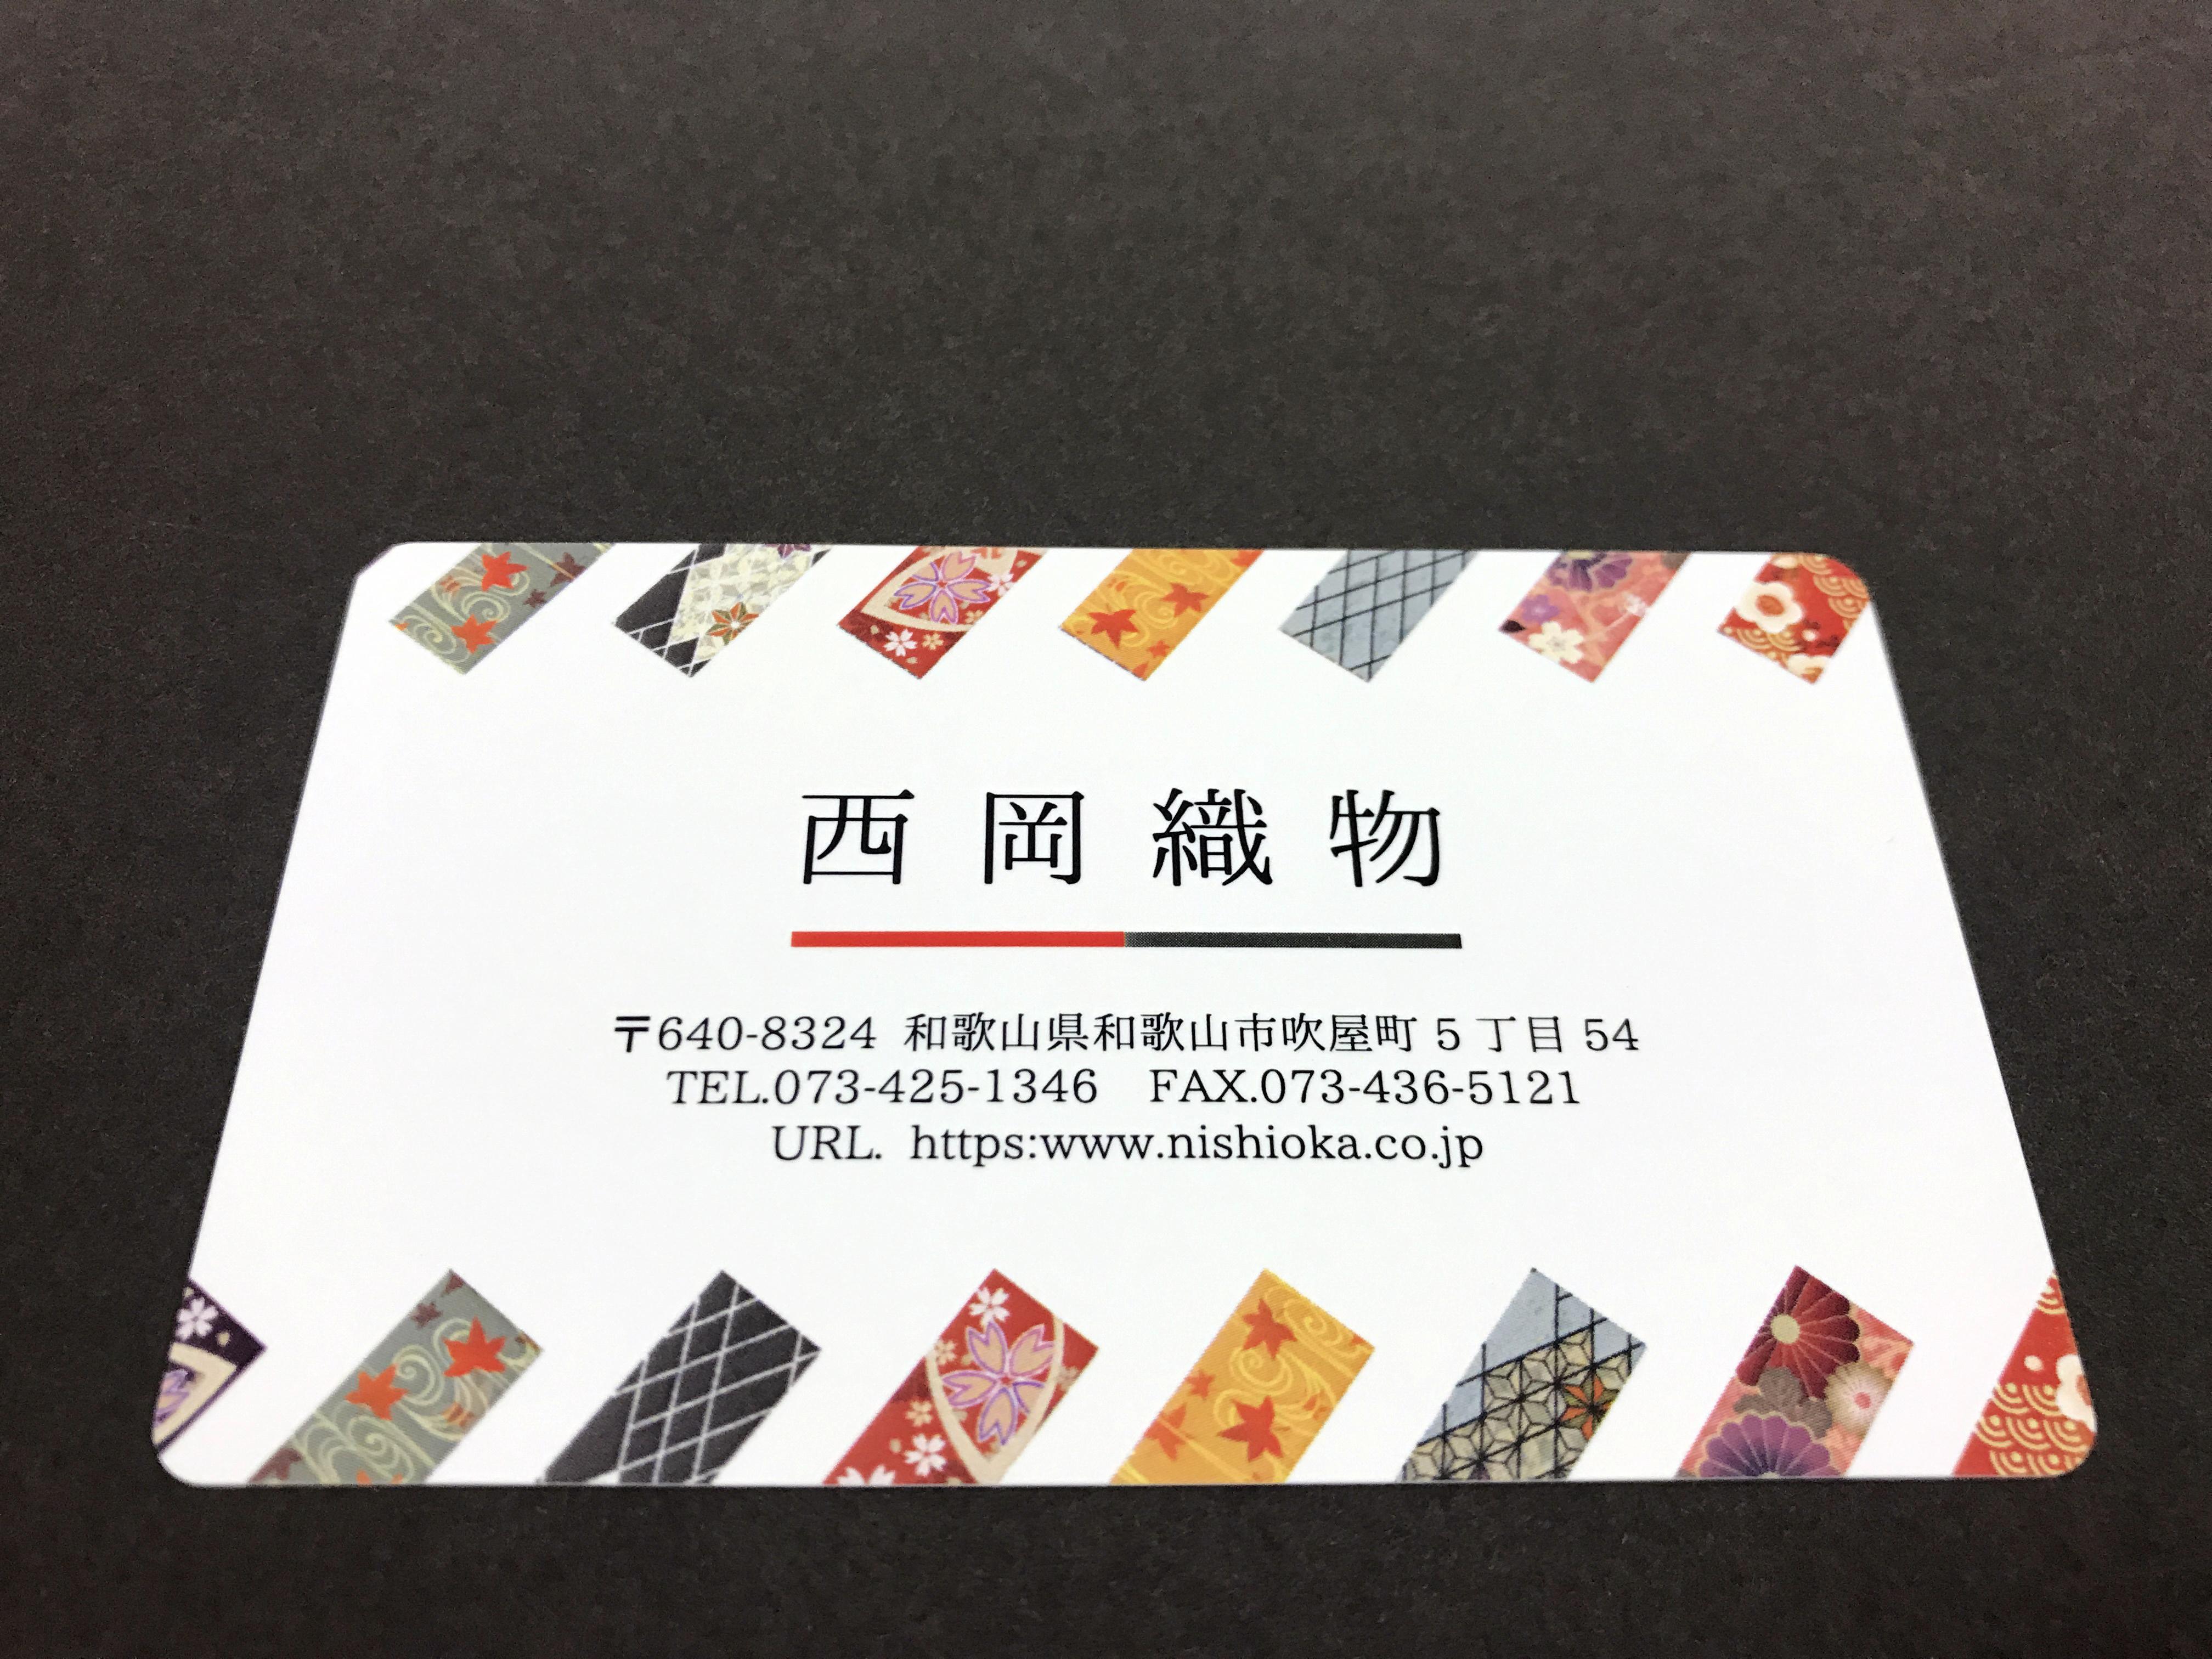 耐水PETマット紙の商品サンプル画像07